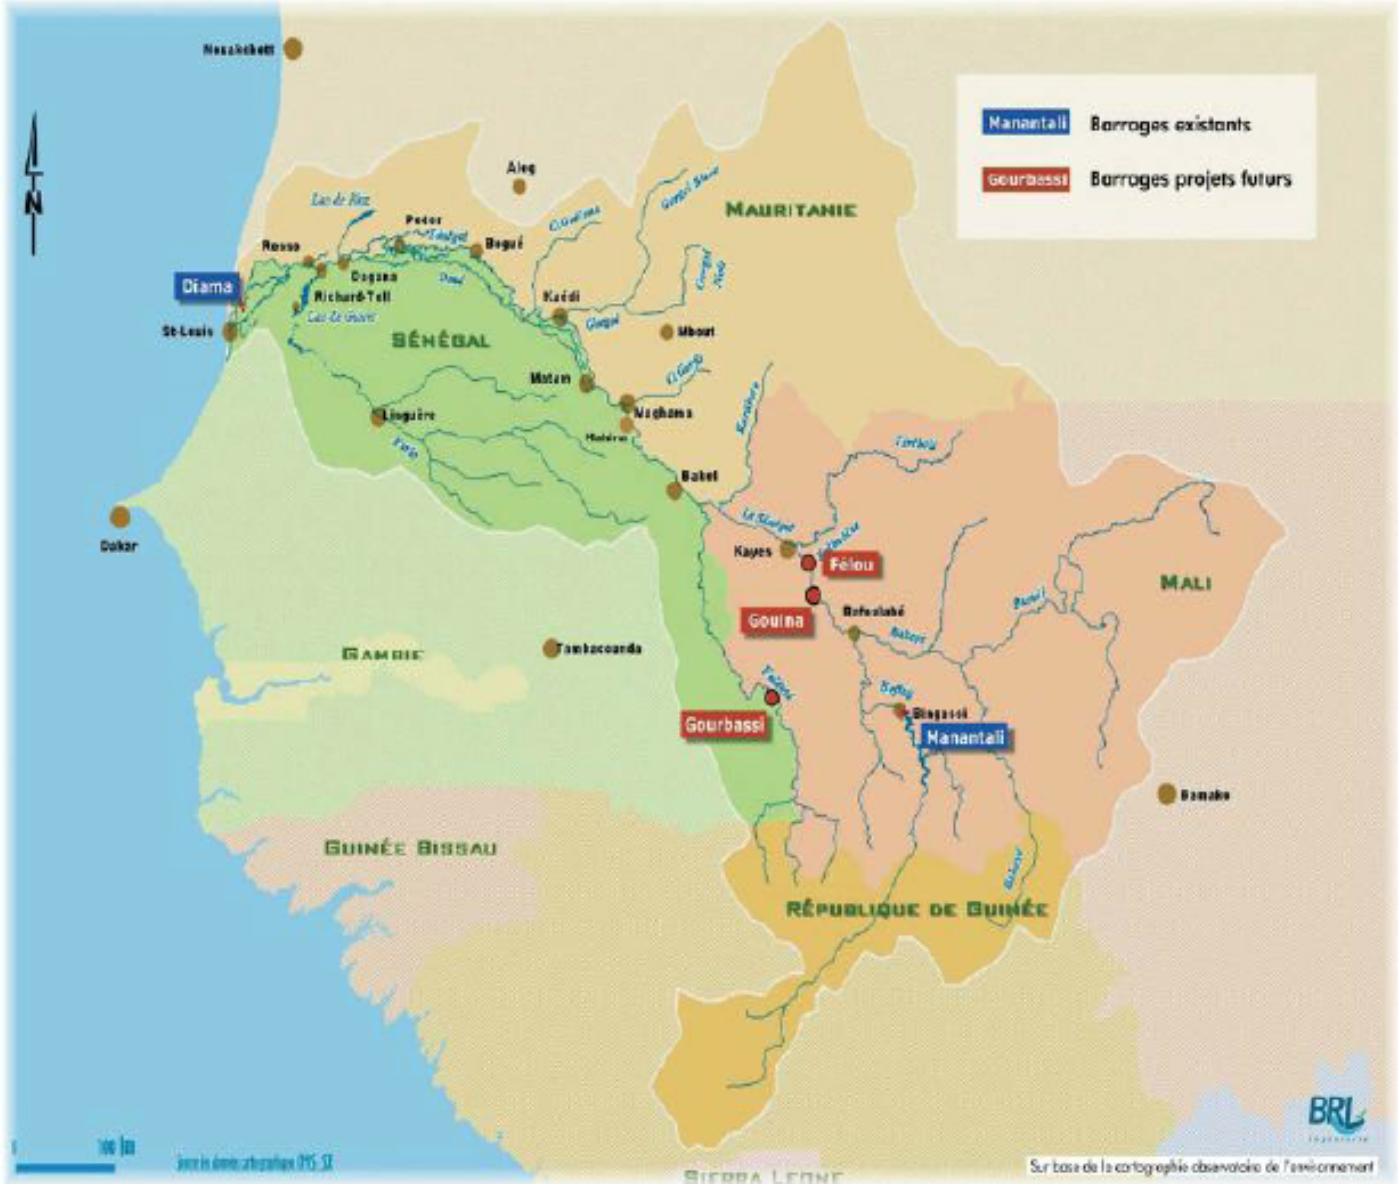 OMVS : Electrification de 200 villages du Sénégal, du Mali et de la Mauritanie